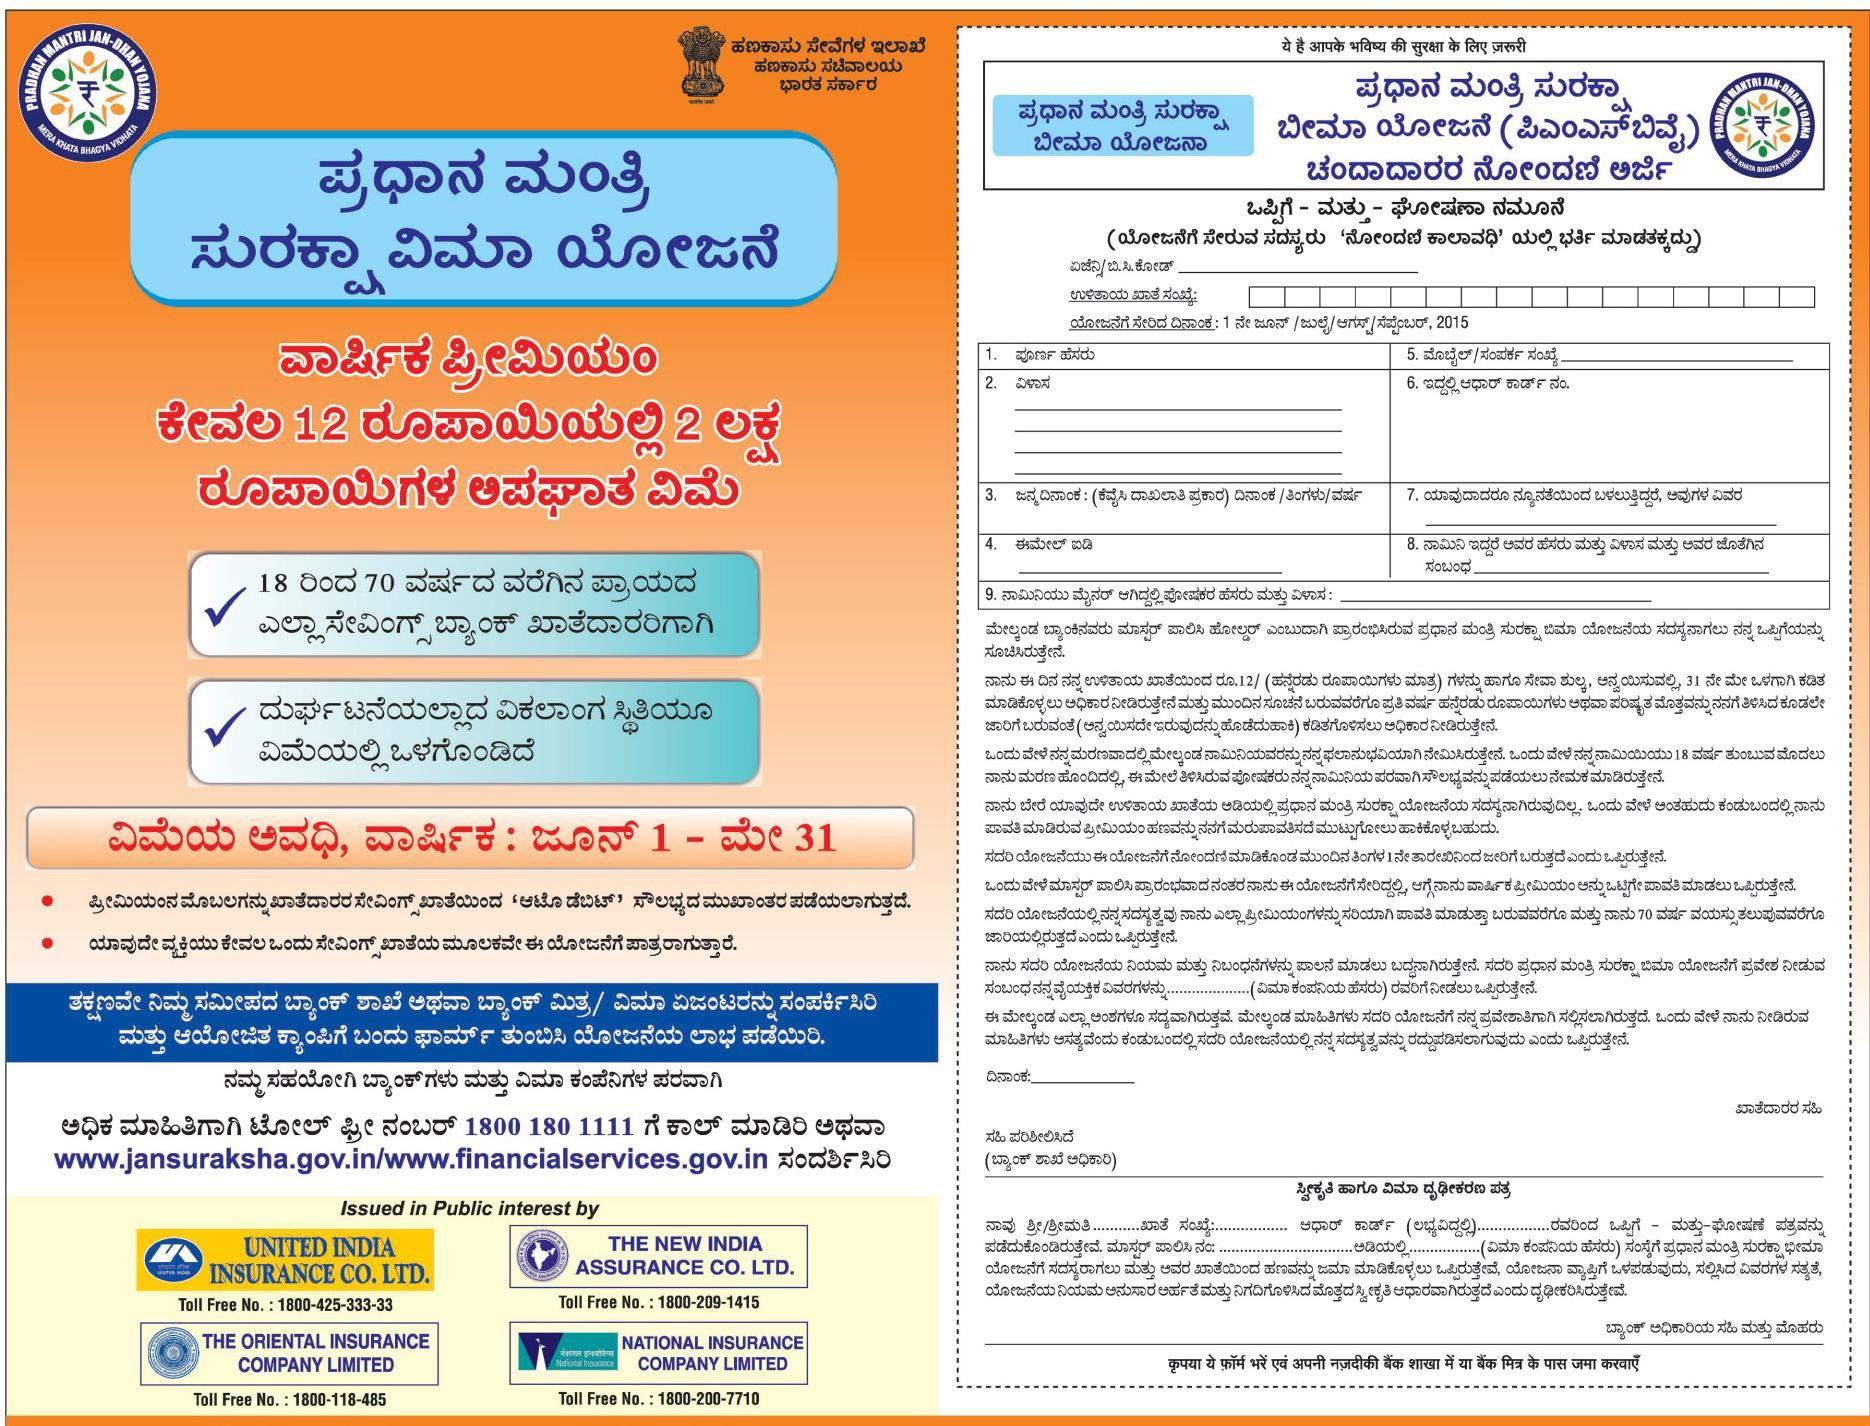 06 05 2015 Vijayavani Bullet Journal Journal